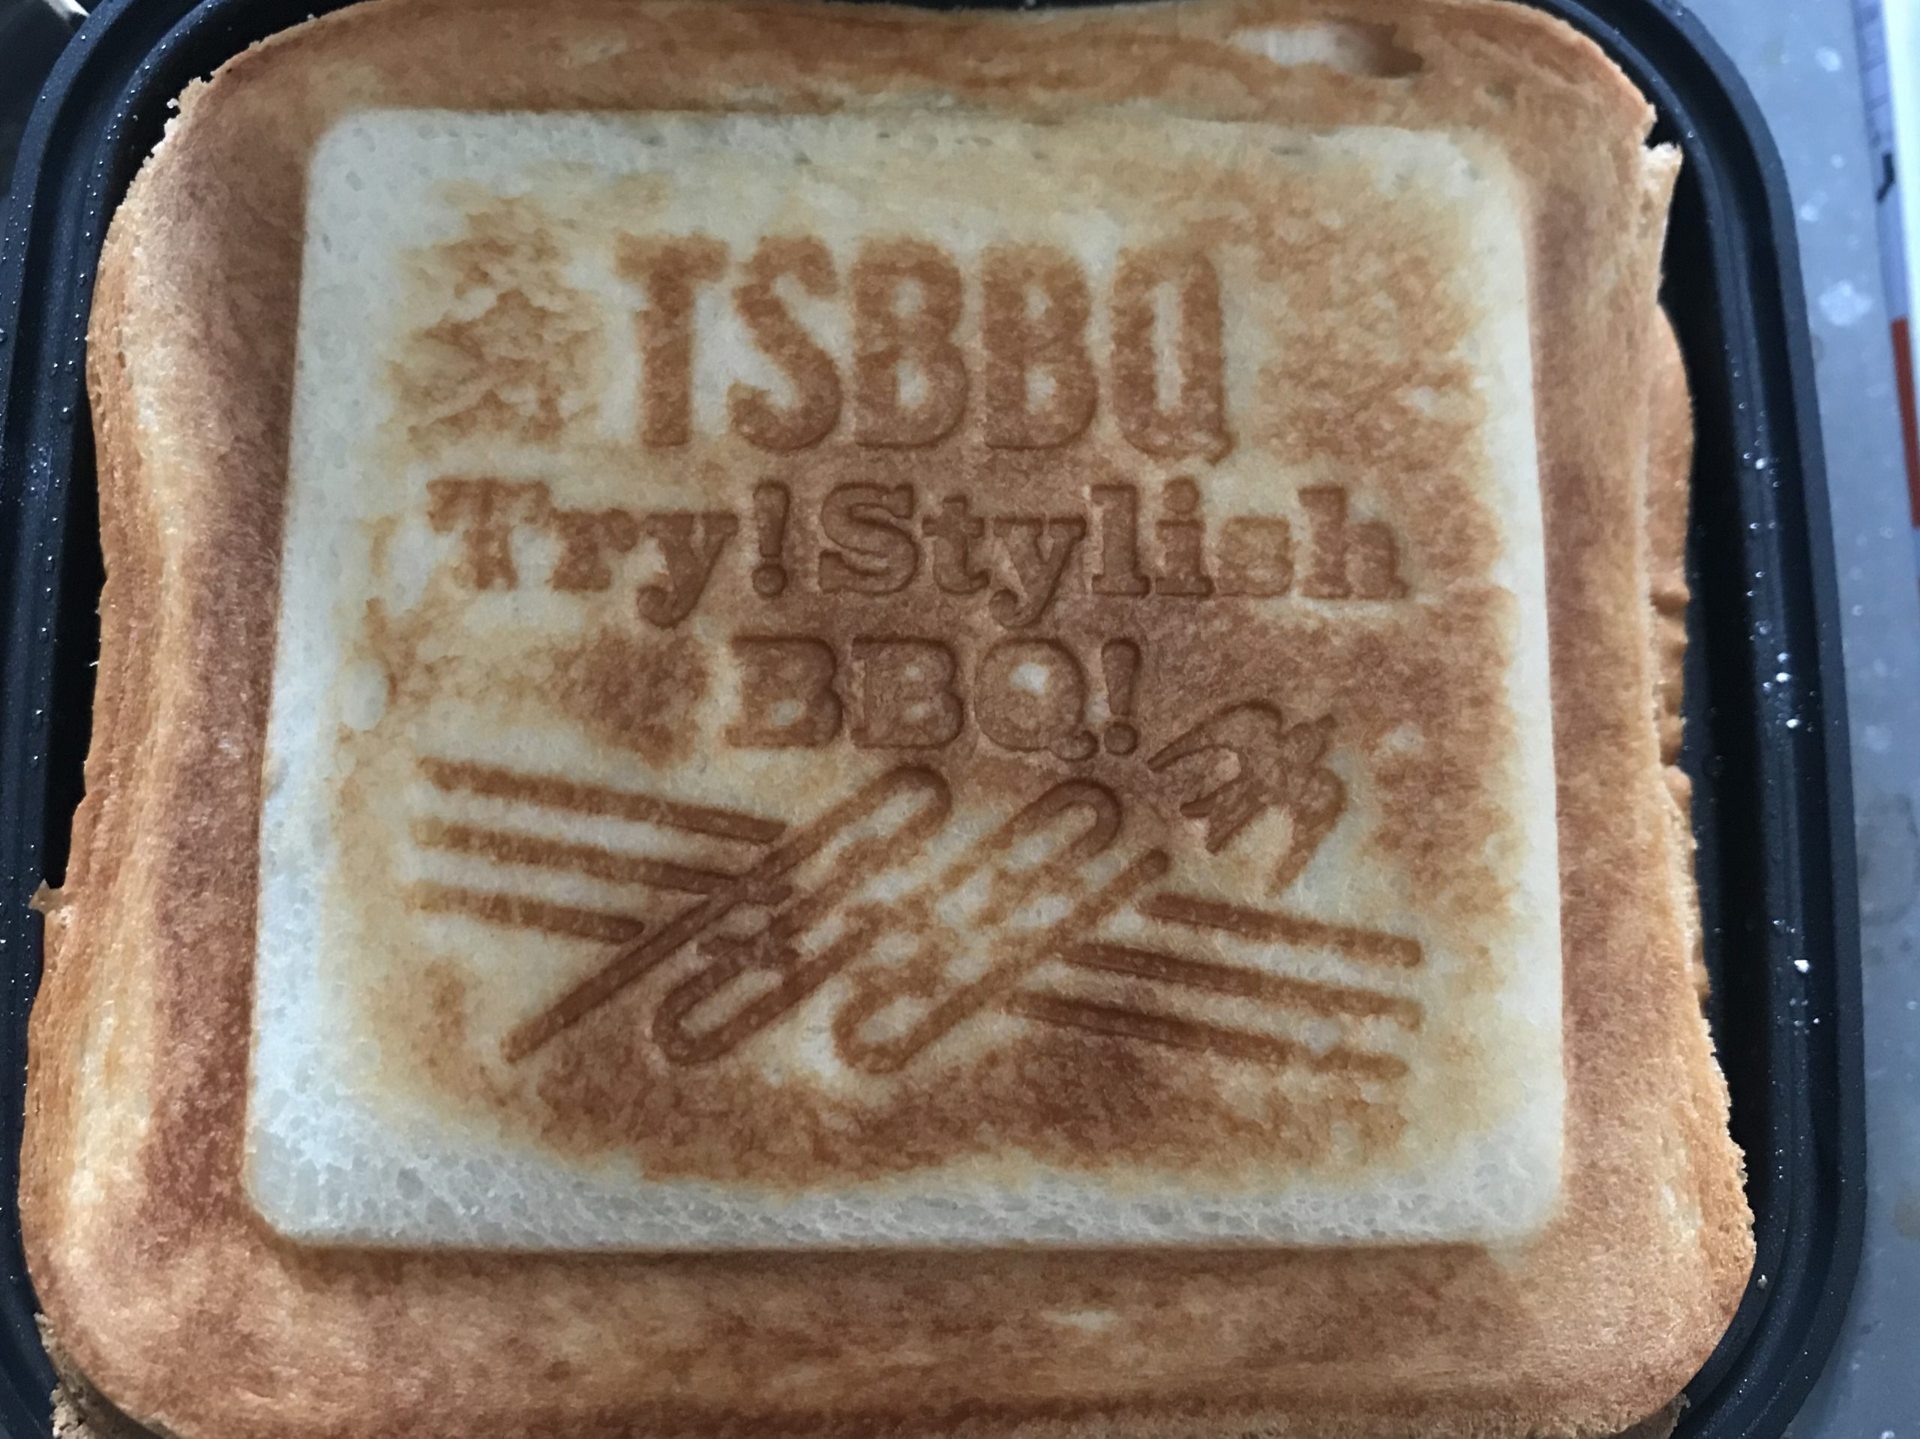 TSBBQのホットサンドメーカ- ロゴの付き方